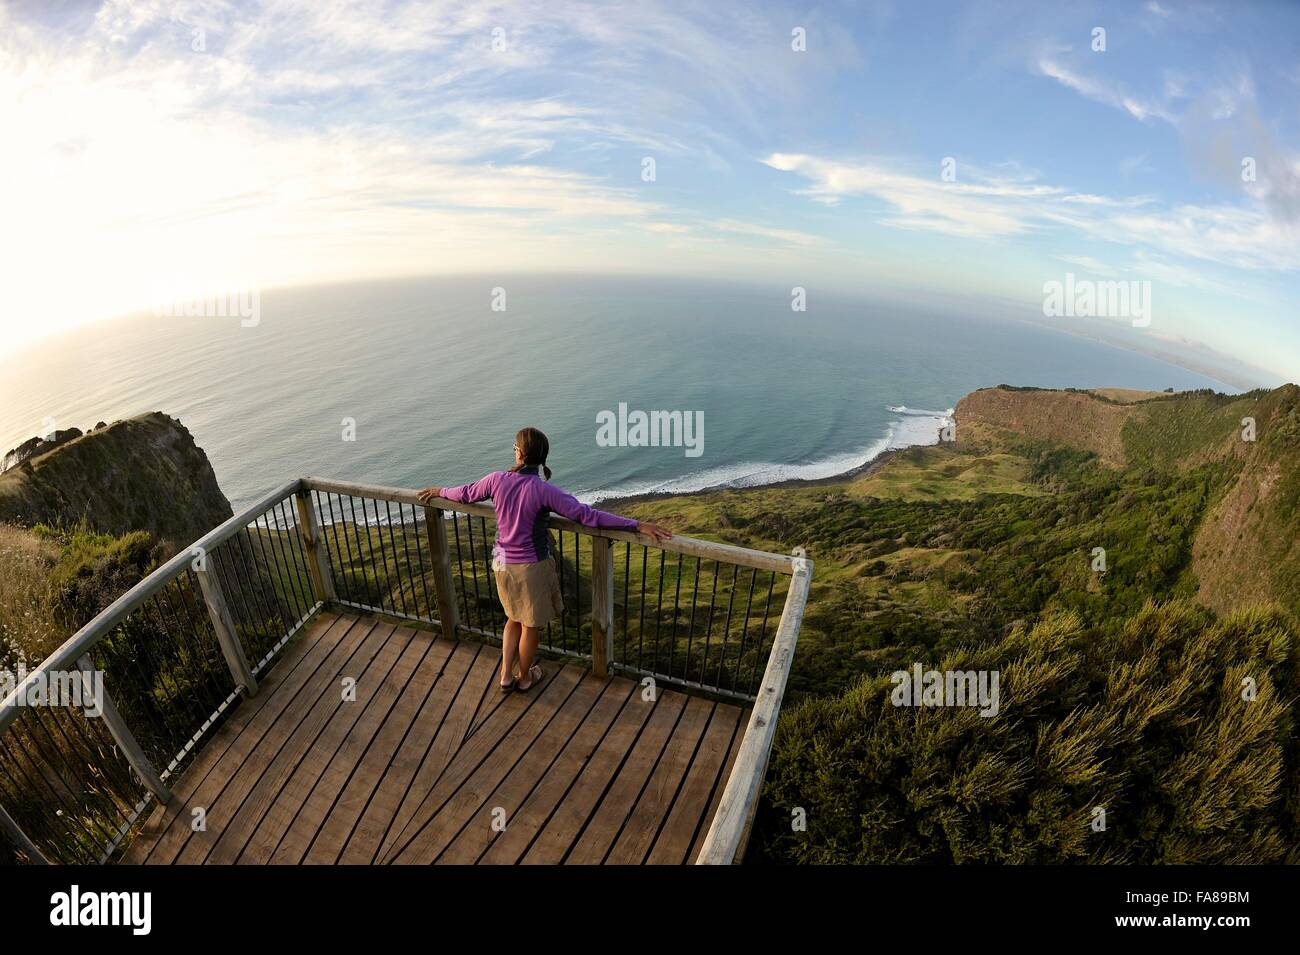 Un alto ángulo de visualización de la mujer joven mirando hacia la costa, Isla del Norte, Nueva Zelanda Foto de stock